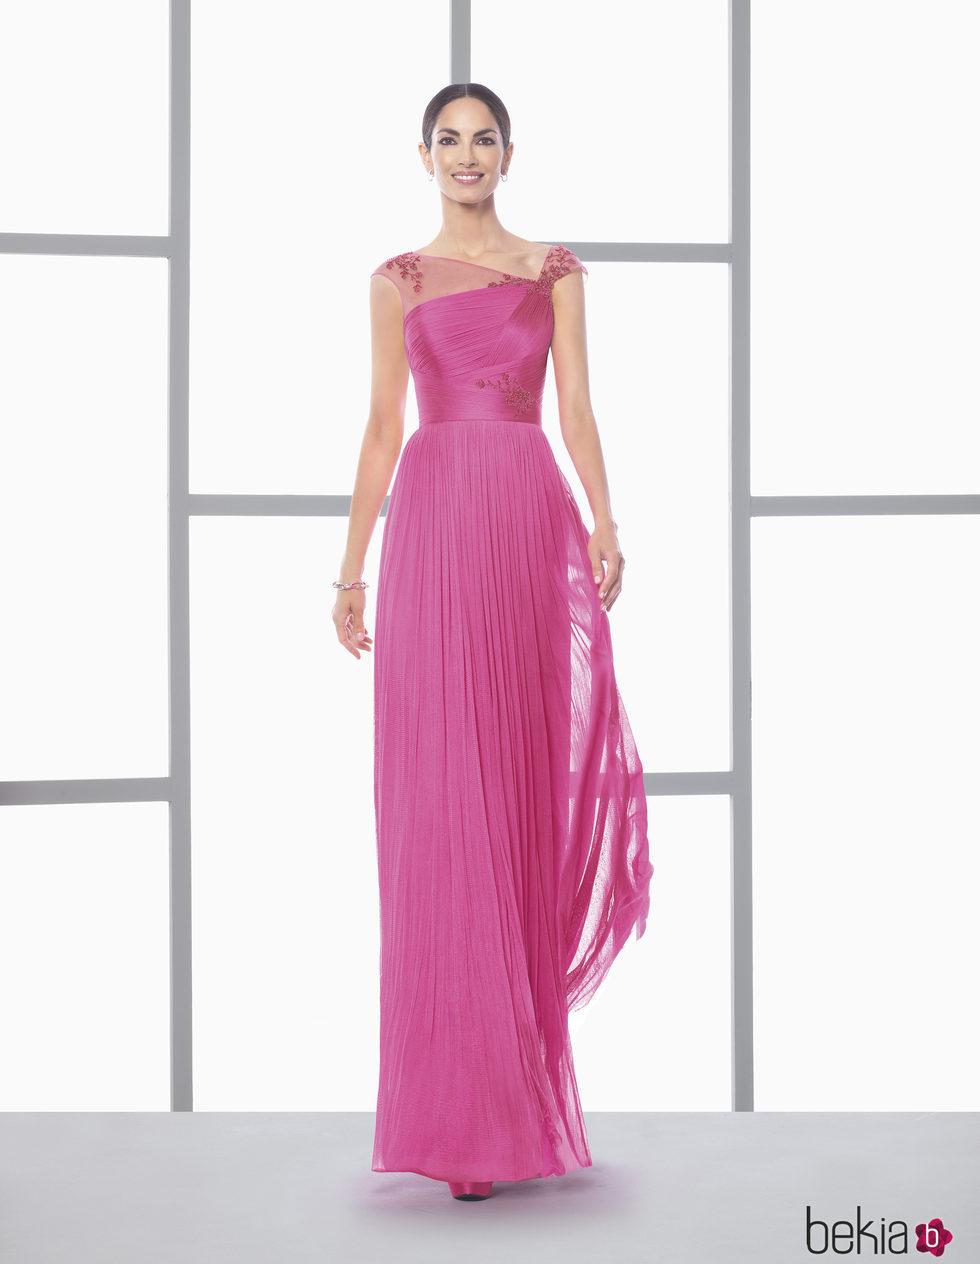 Vestidos de fiesta rosa clara en mexico – Vestidos de moda blog de ...